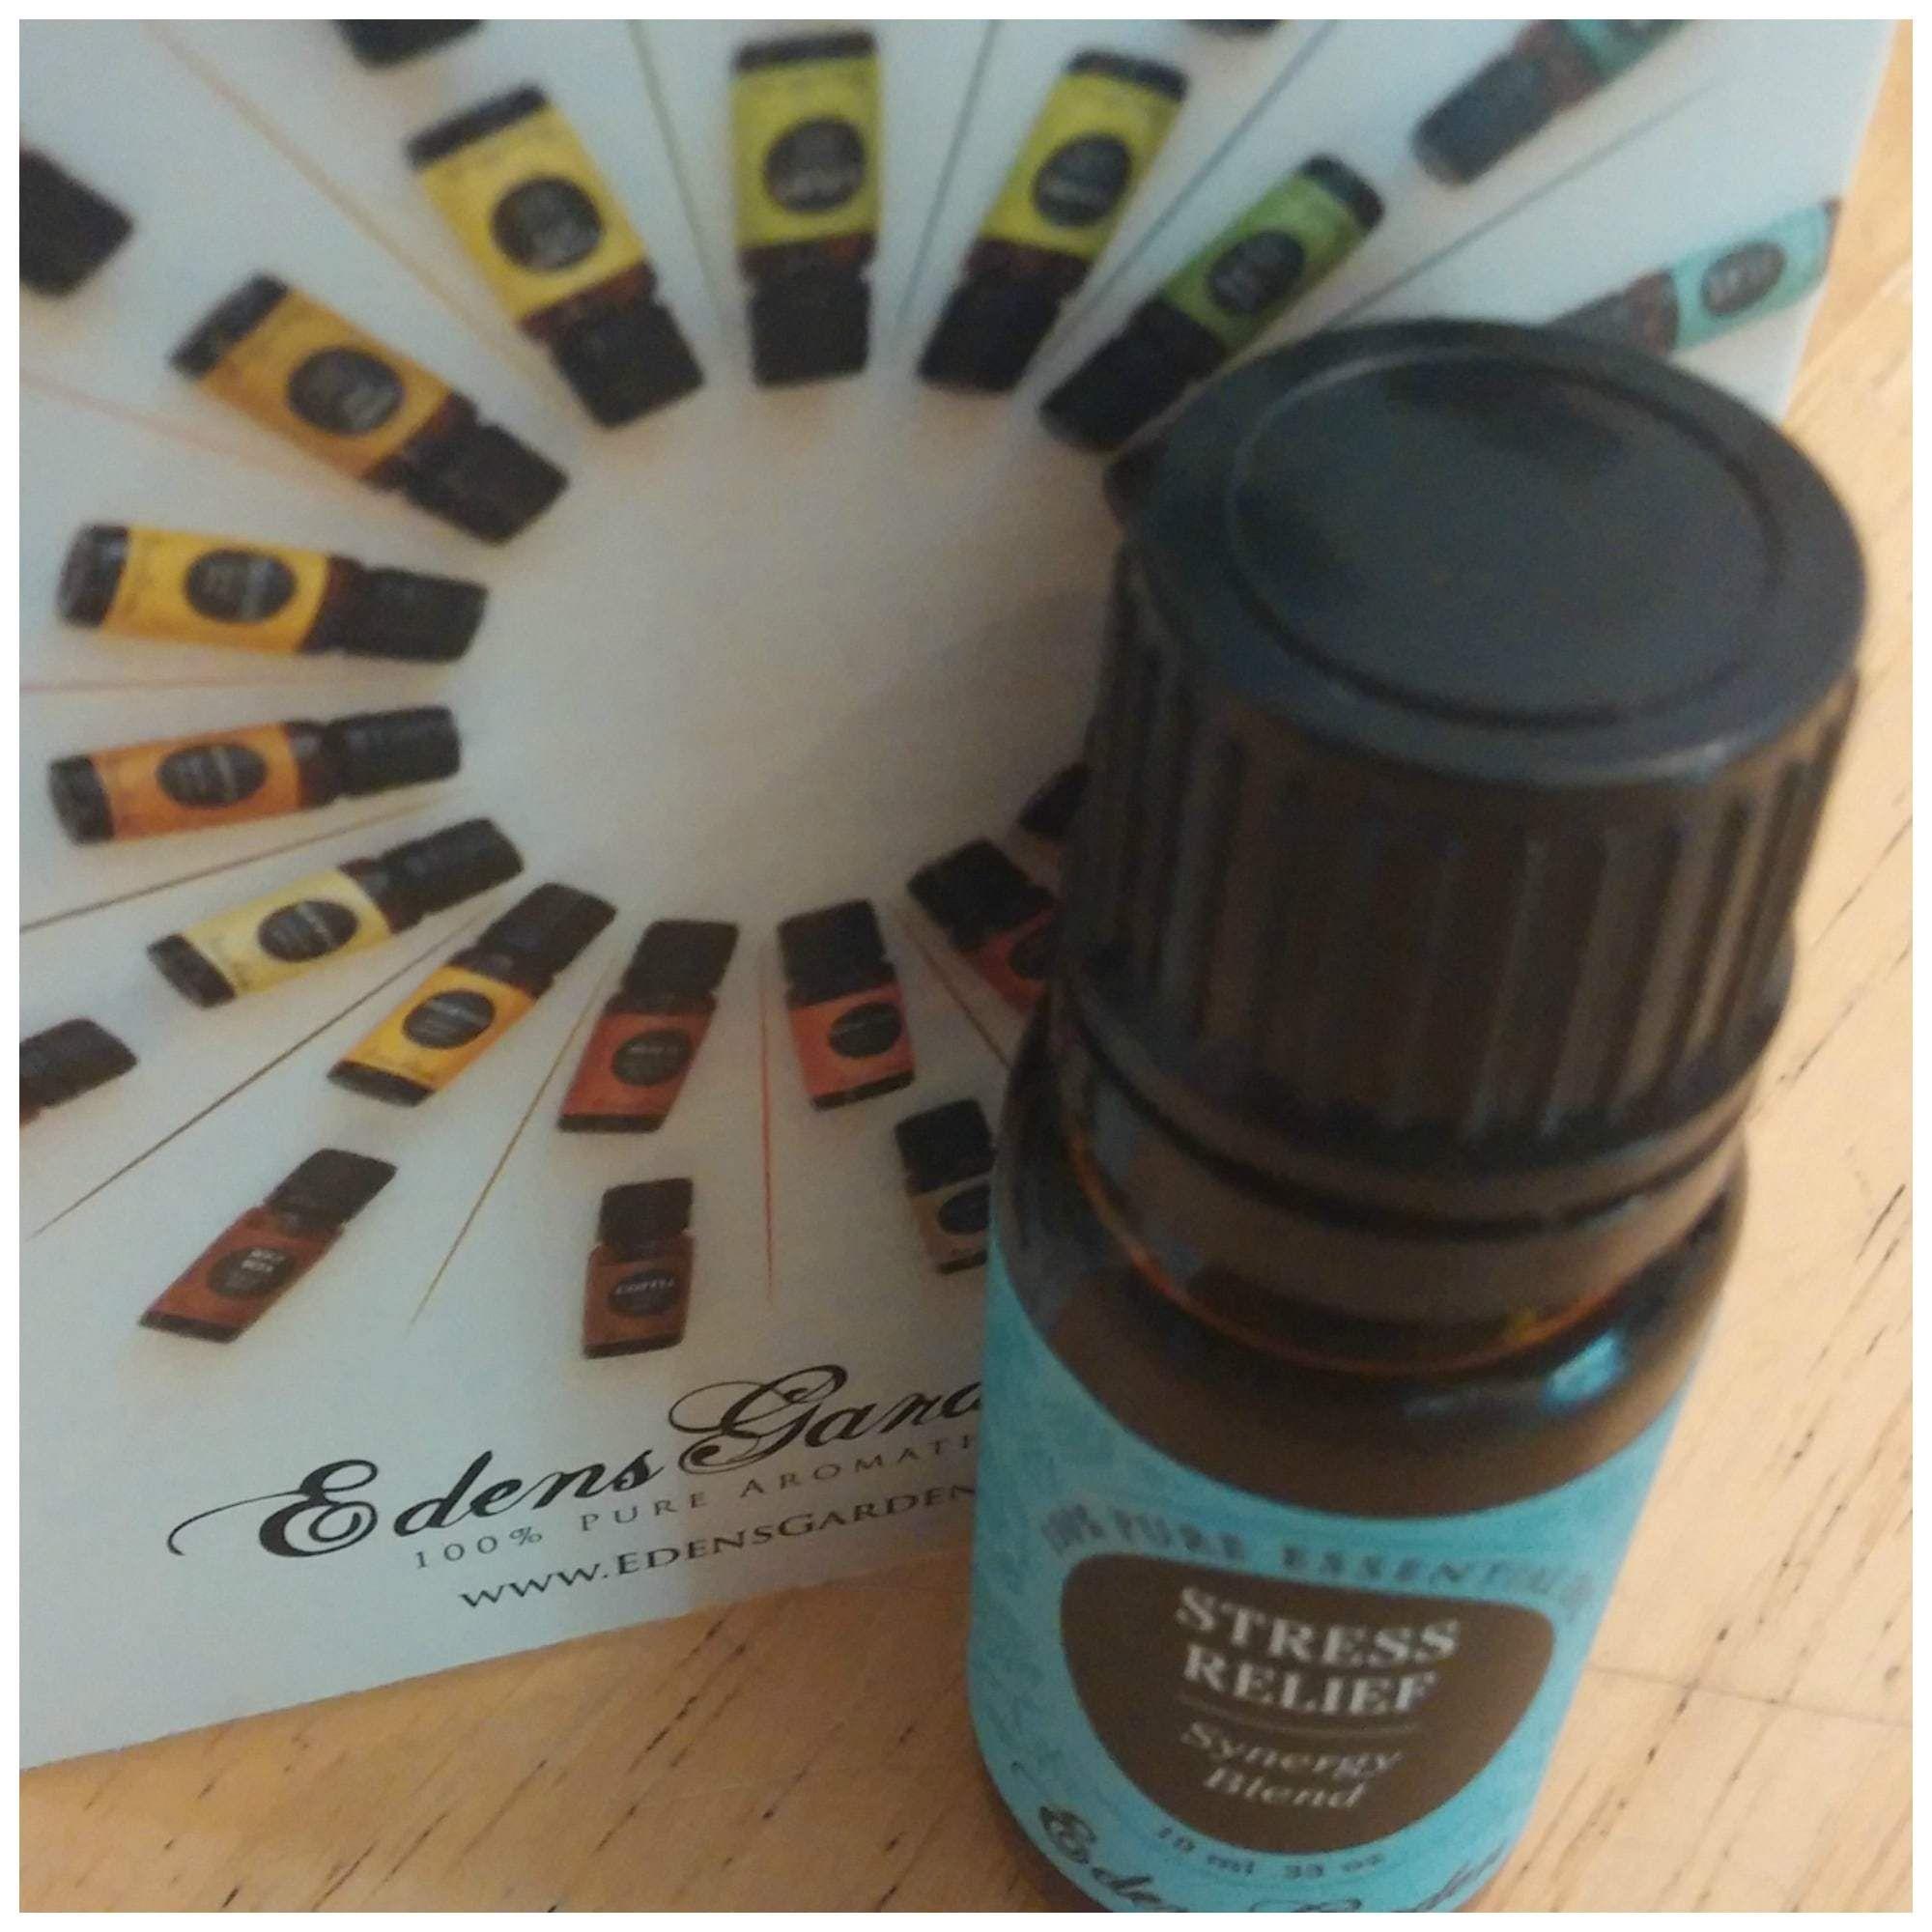 Edens Garden Essential Oils Reviews (With images) Edens